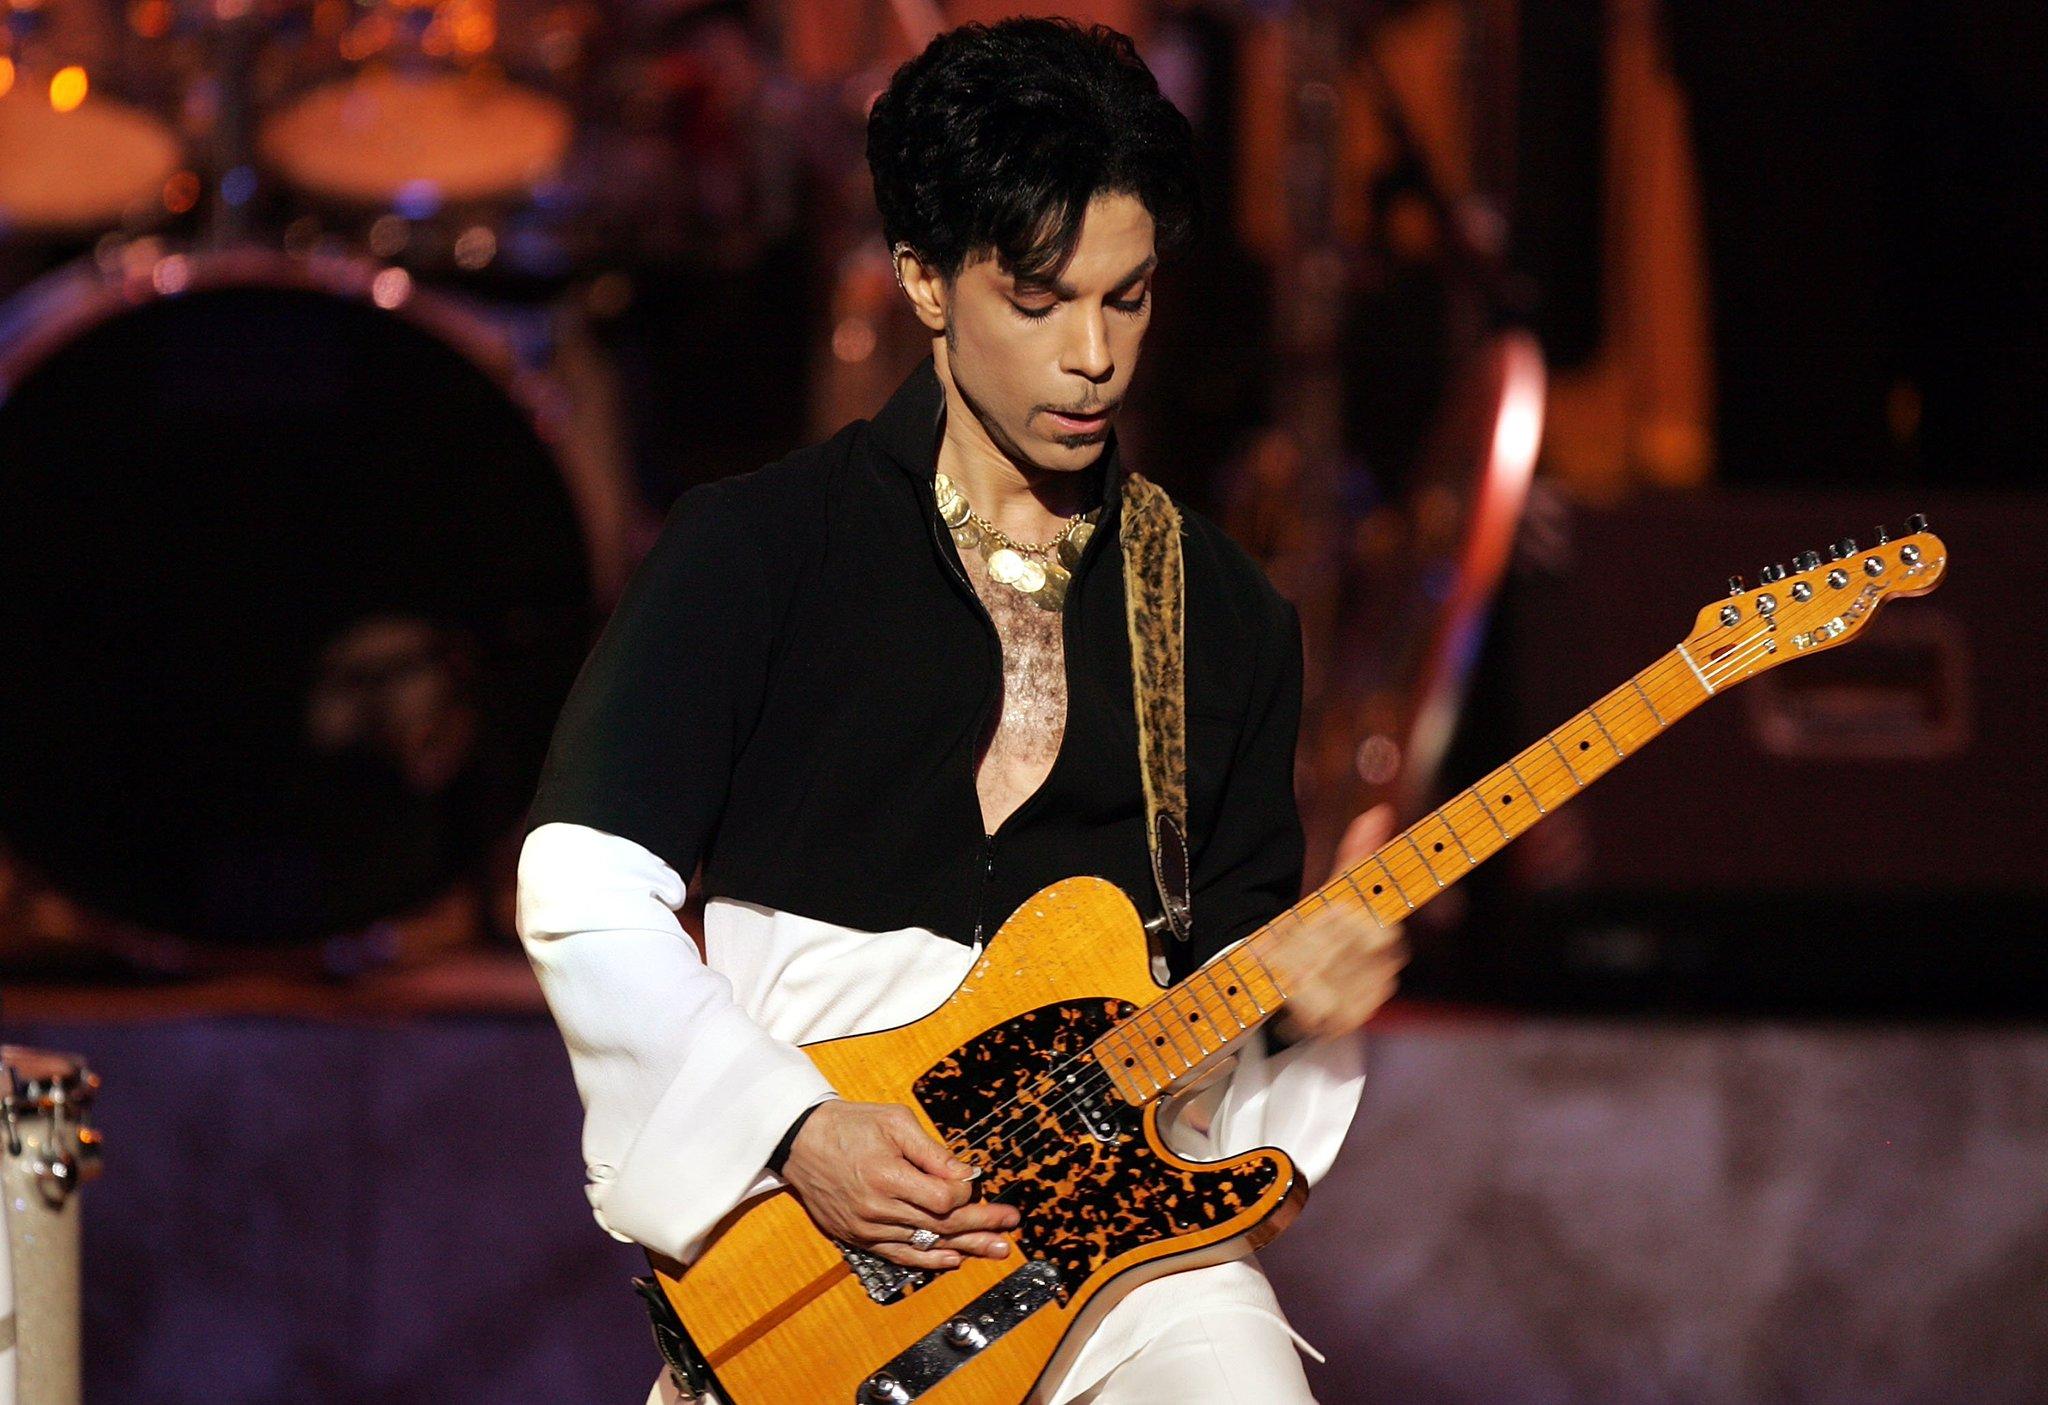 Questlove announces huge Prince orchestral tribute tour. https://t.co/s7Wi9eNEcn https://t.co/CTZMqVhhdC